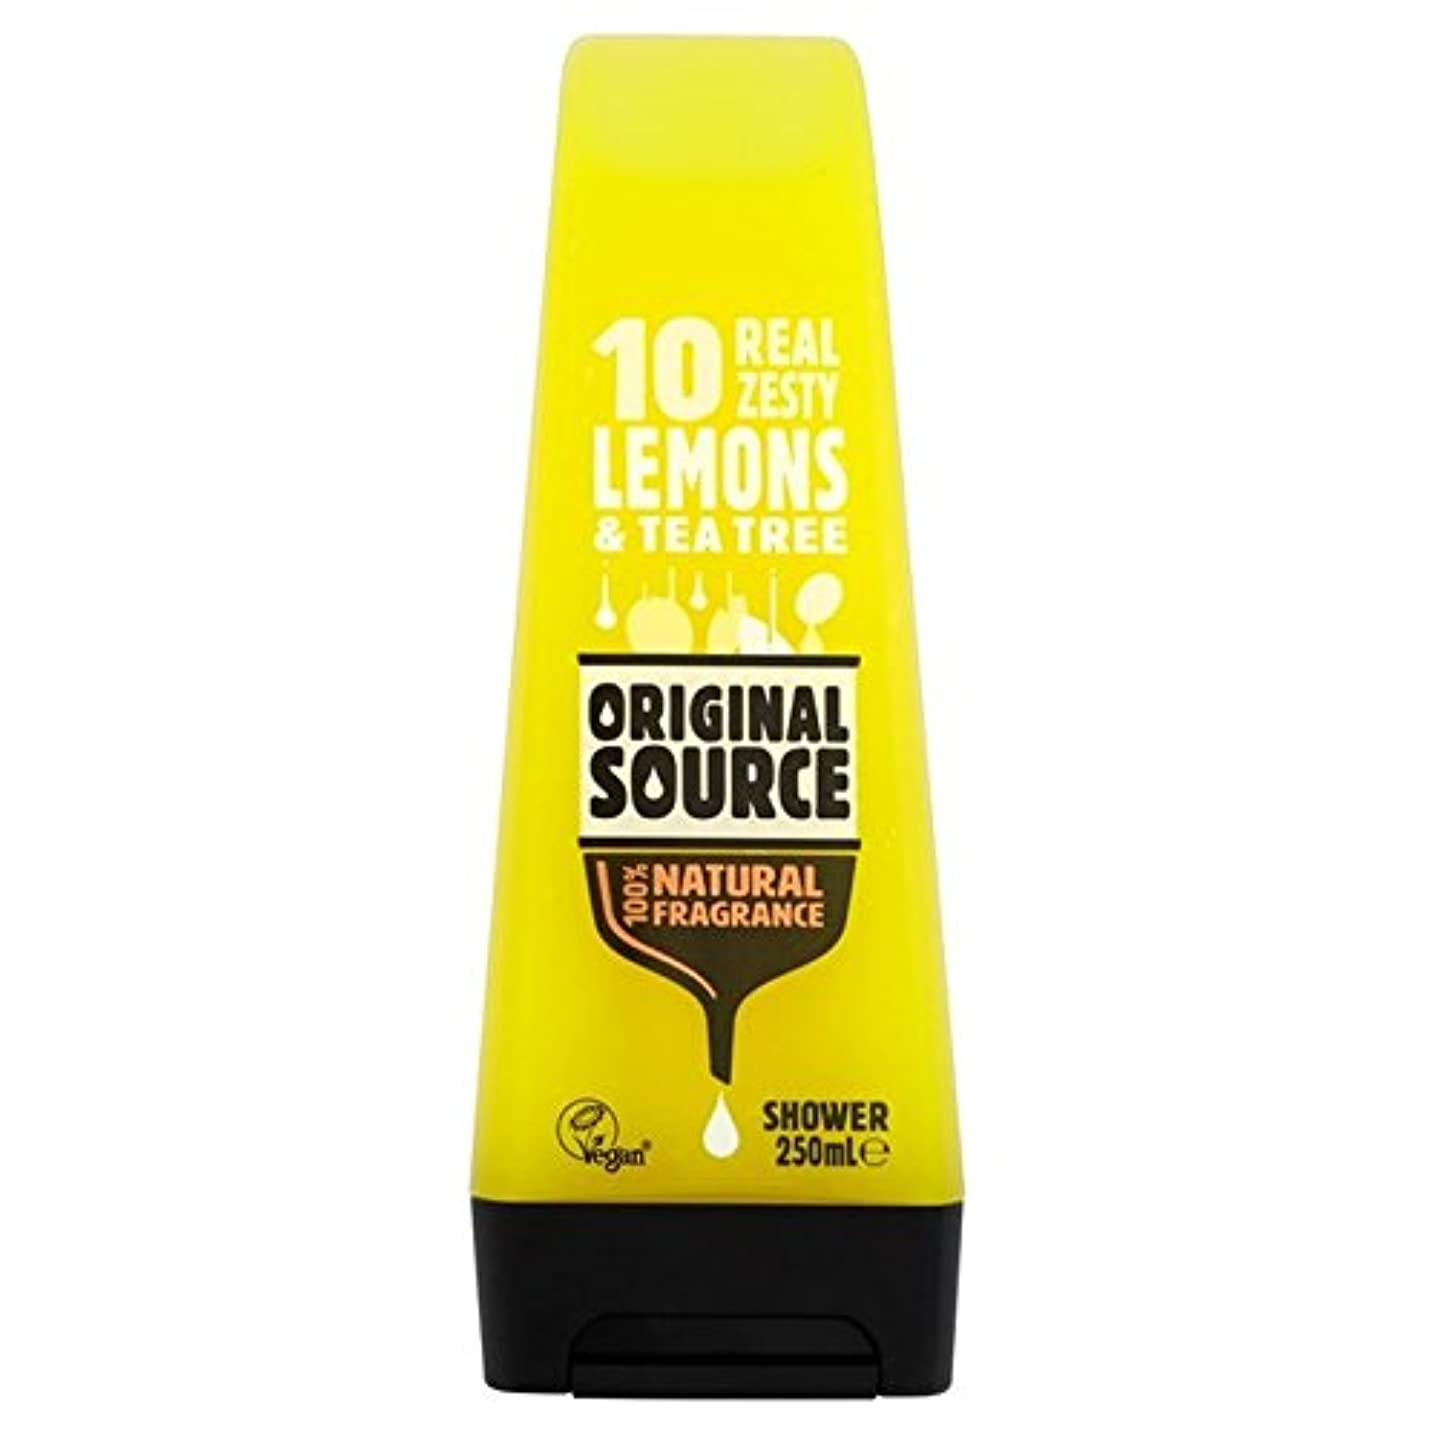 誤解させる合理的幸運Original Source Lemon Shower Gel 250ml (Pack of 6) - 元のソースのレモンシャワージェル250ミリリットル x6 [並行輸入品]